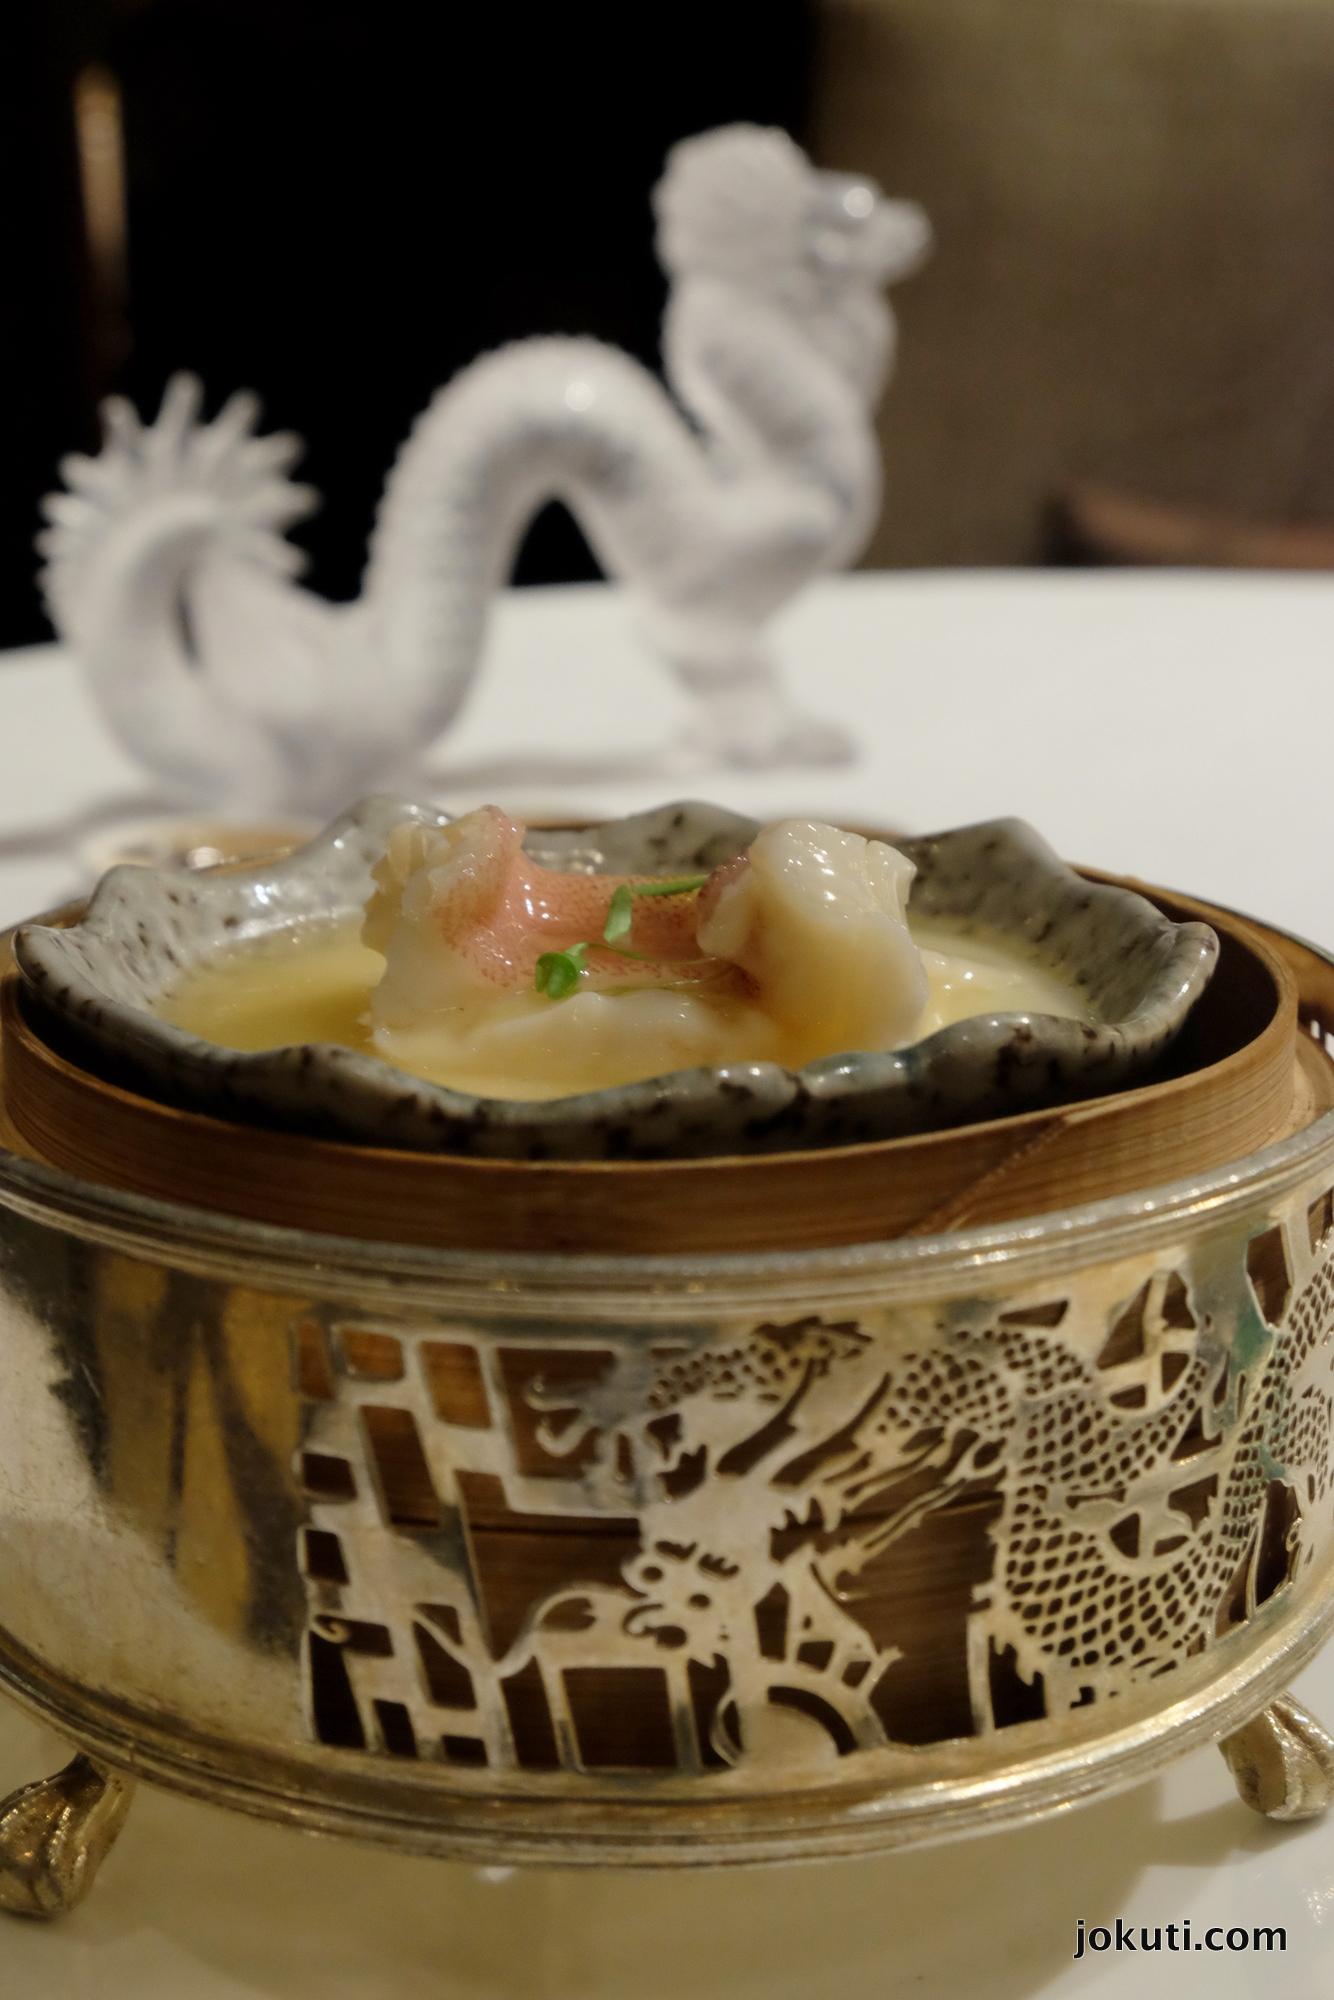 dscf6883_jade_dragon_restaurant_cantonese_chinese_michelin_macau_makao_china_kinai_vilagevo_jokuti.jpg